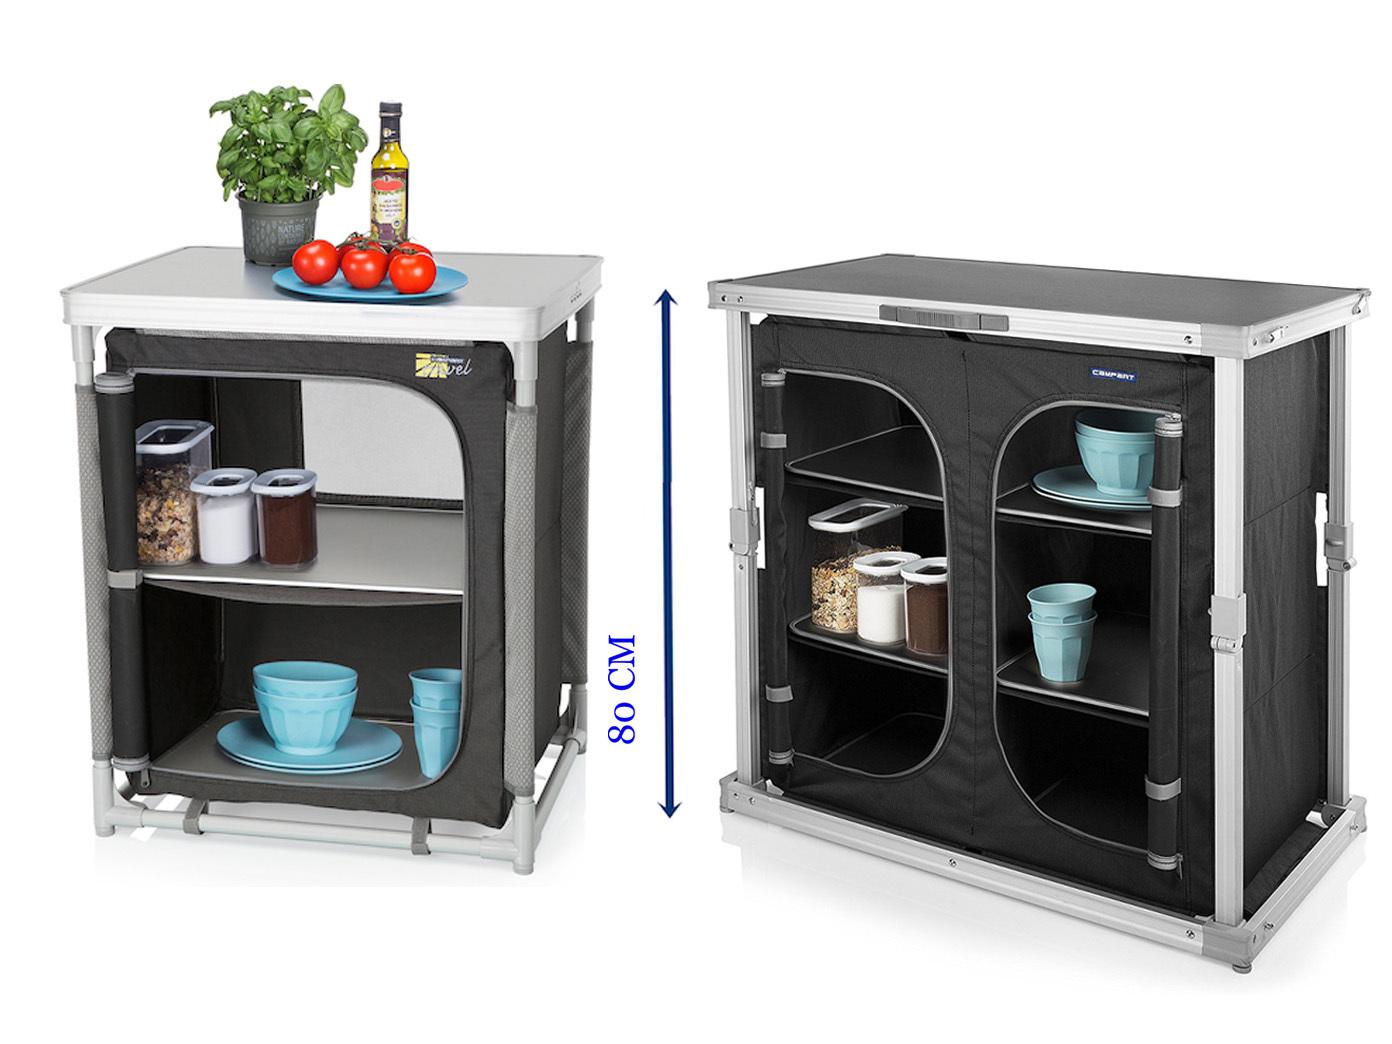 Outdoorküche Klappbar Preis : 2er set camping schrank faltschrank und stabile campingküche mit